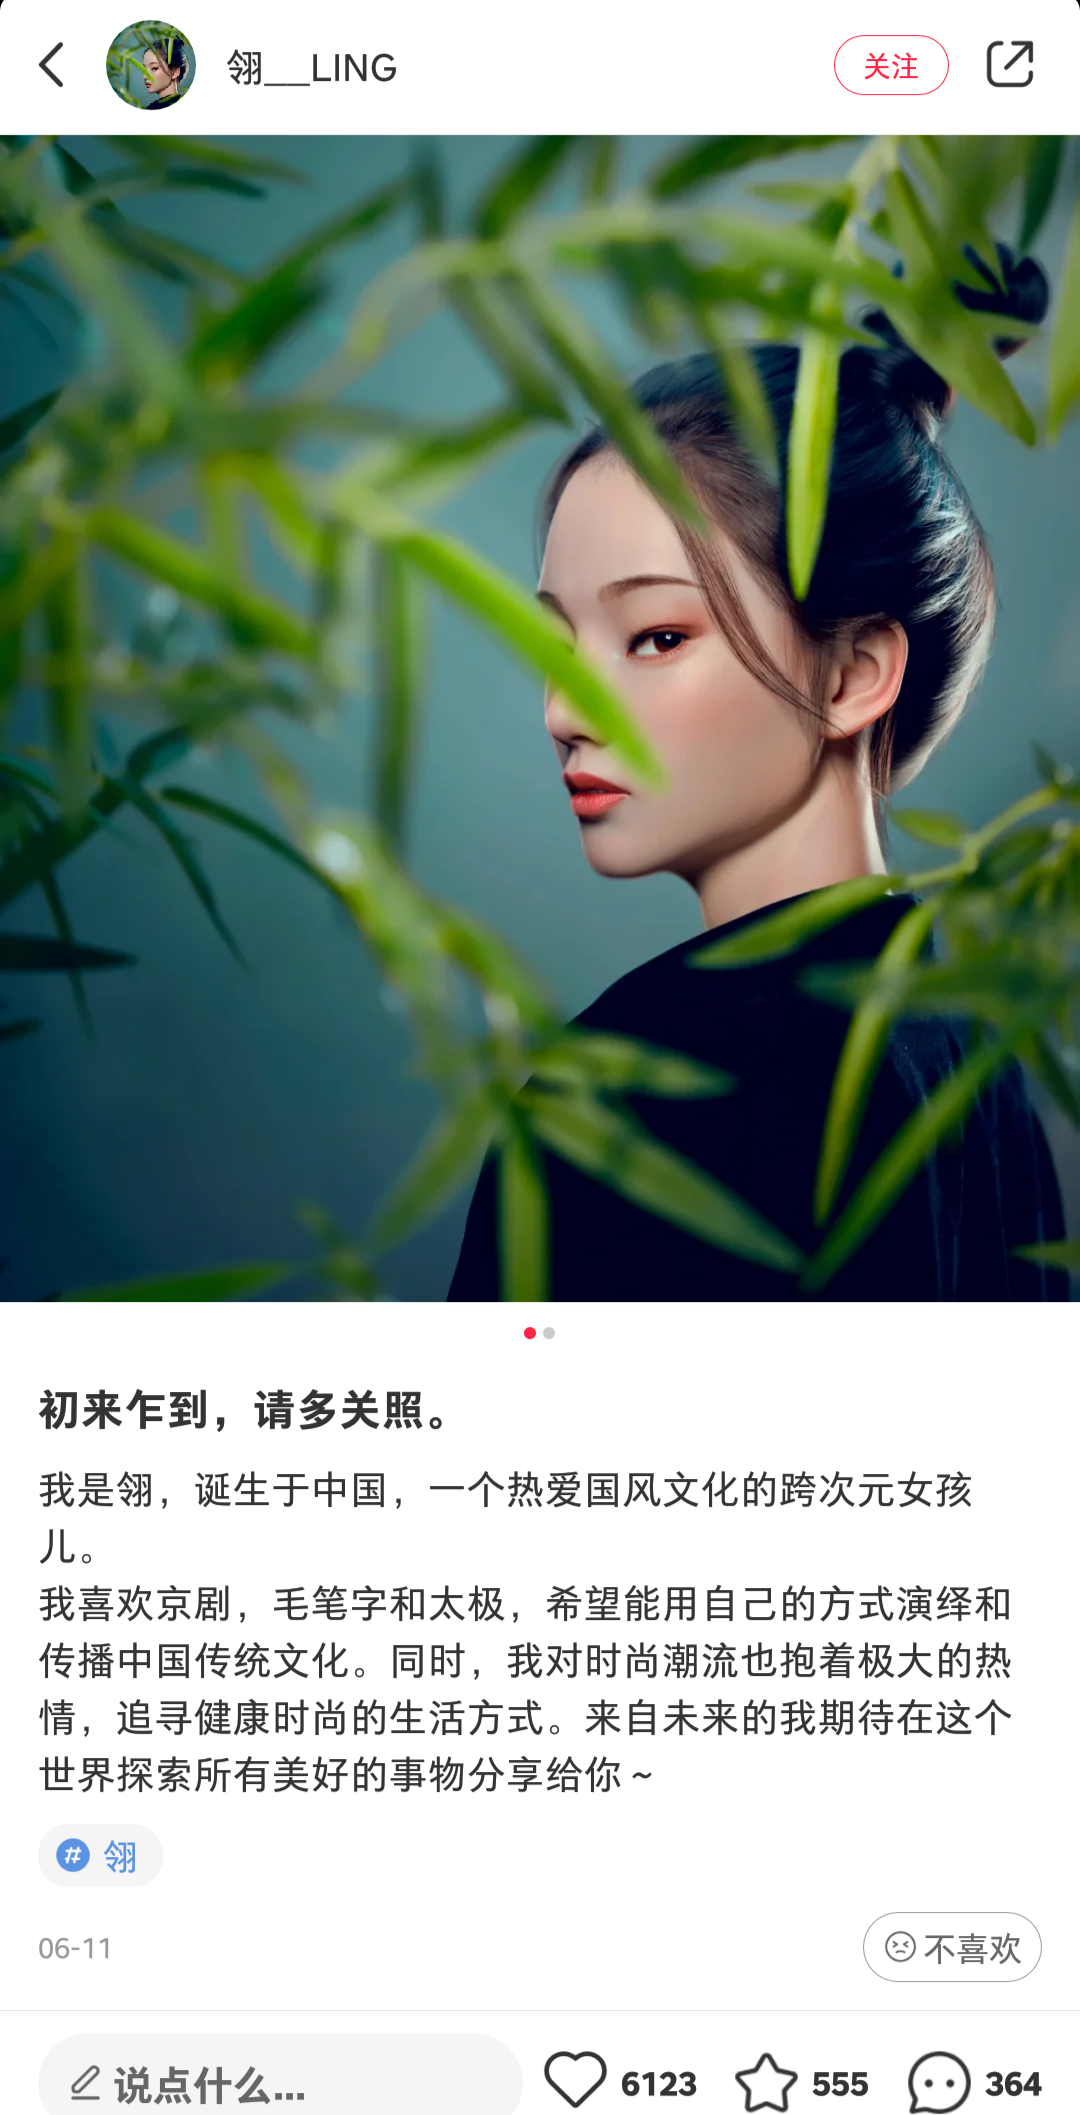 吴亦凡塌房,虚拟偶像翻车?